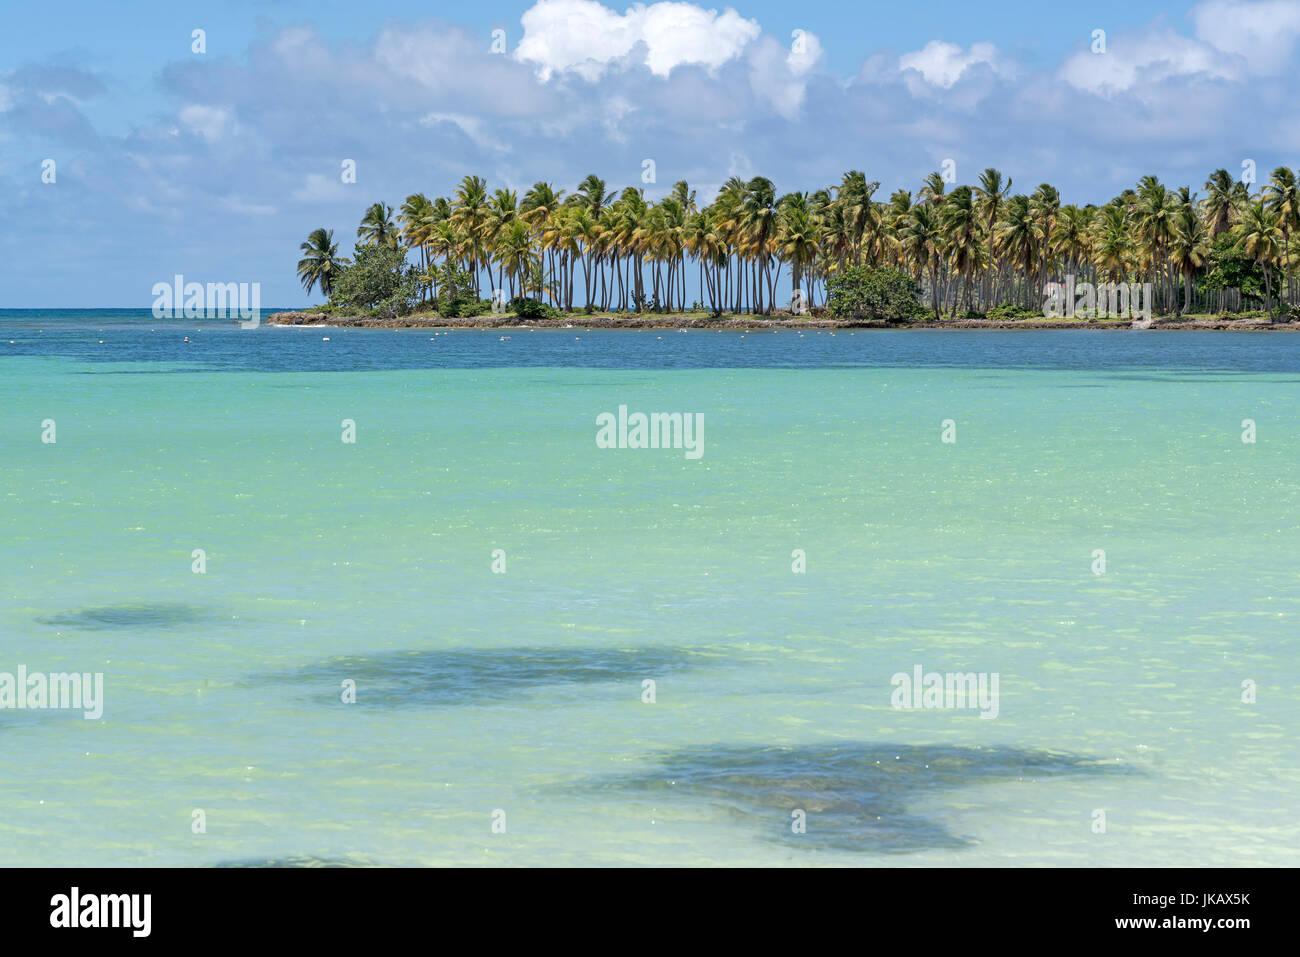 L'océan Atlantique avec des cocotiers en République Dominicaine Photo Stock